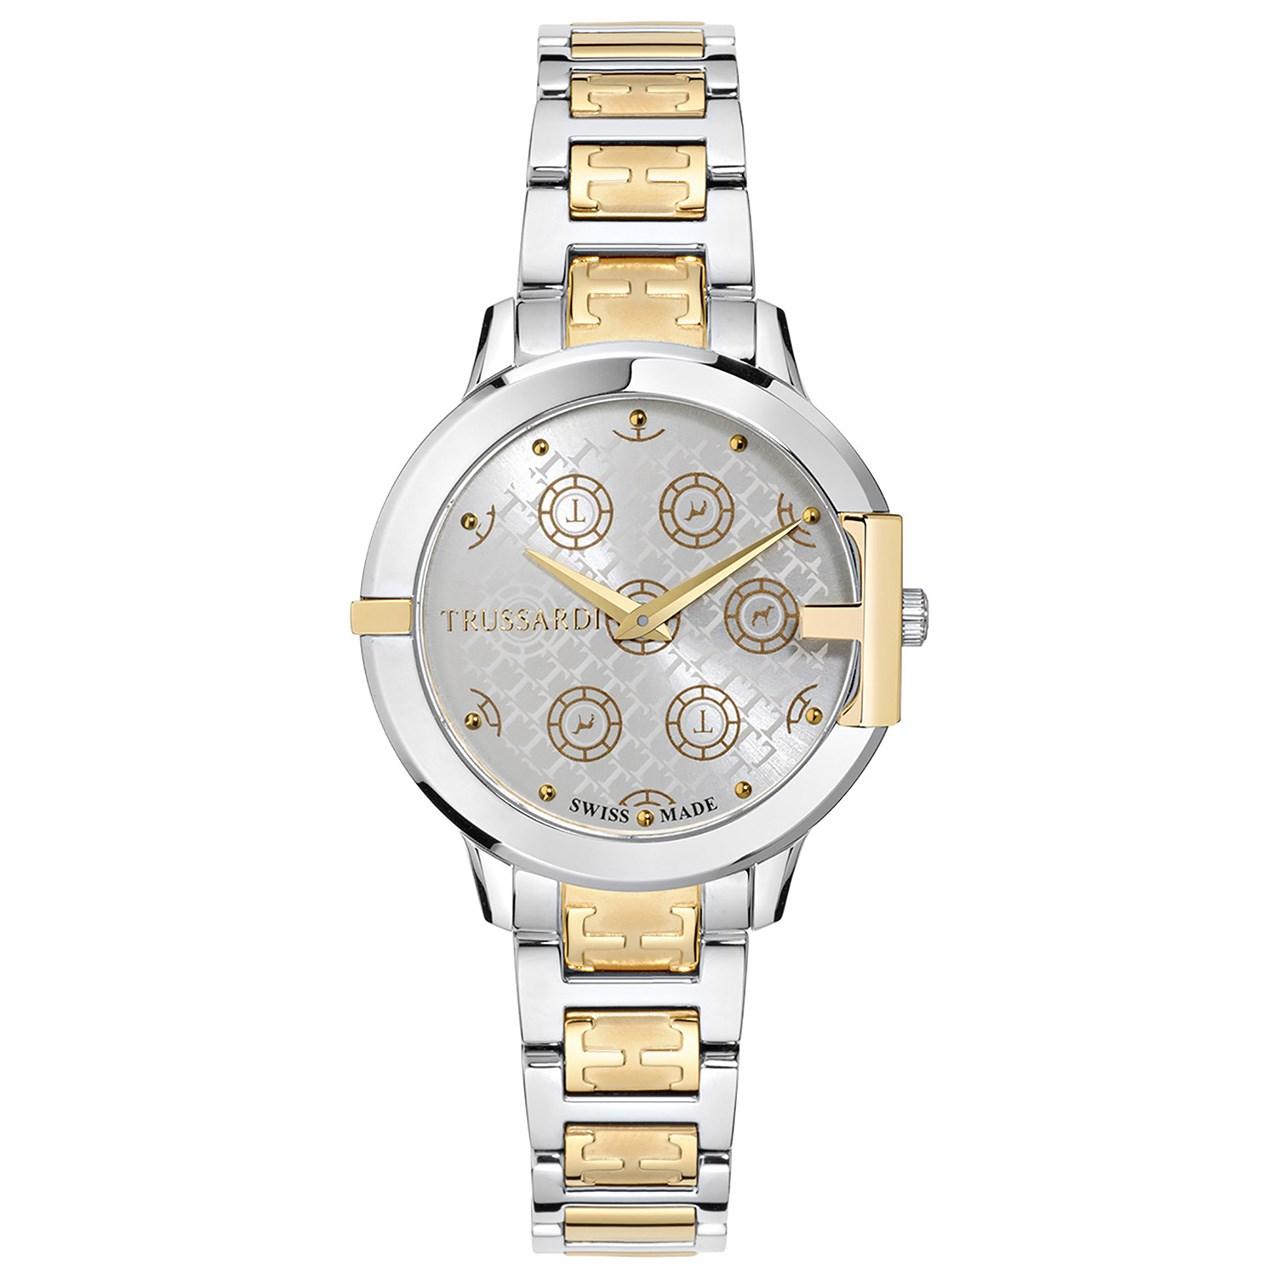 ساعت مچی عقربه ای زنانه تروساردی مدل TR-R2453114504